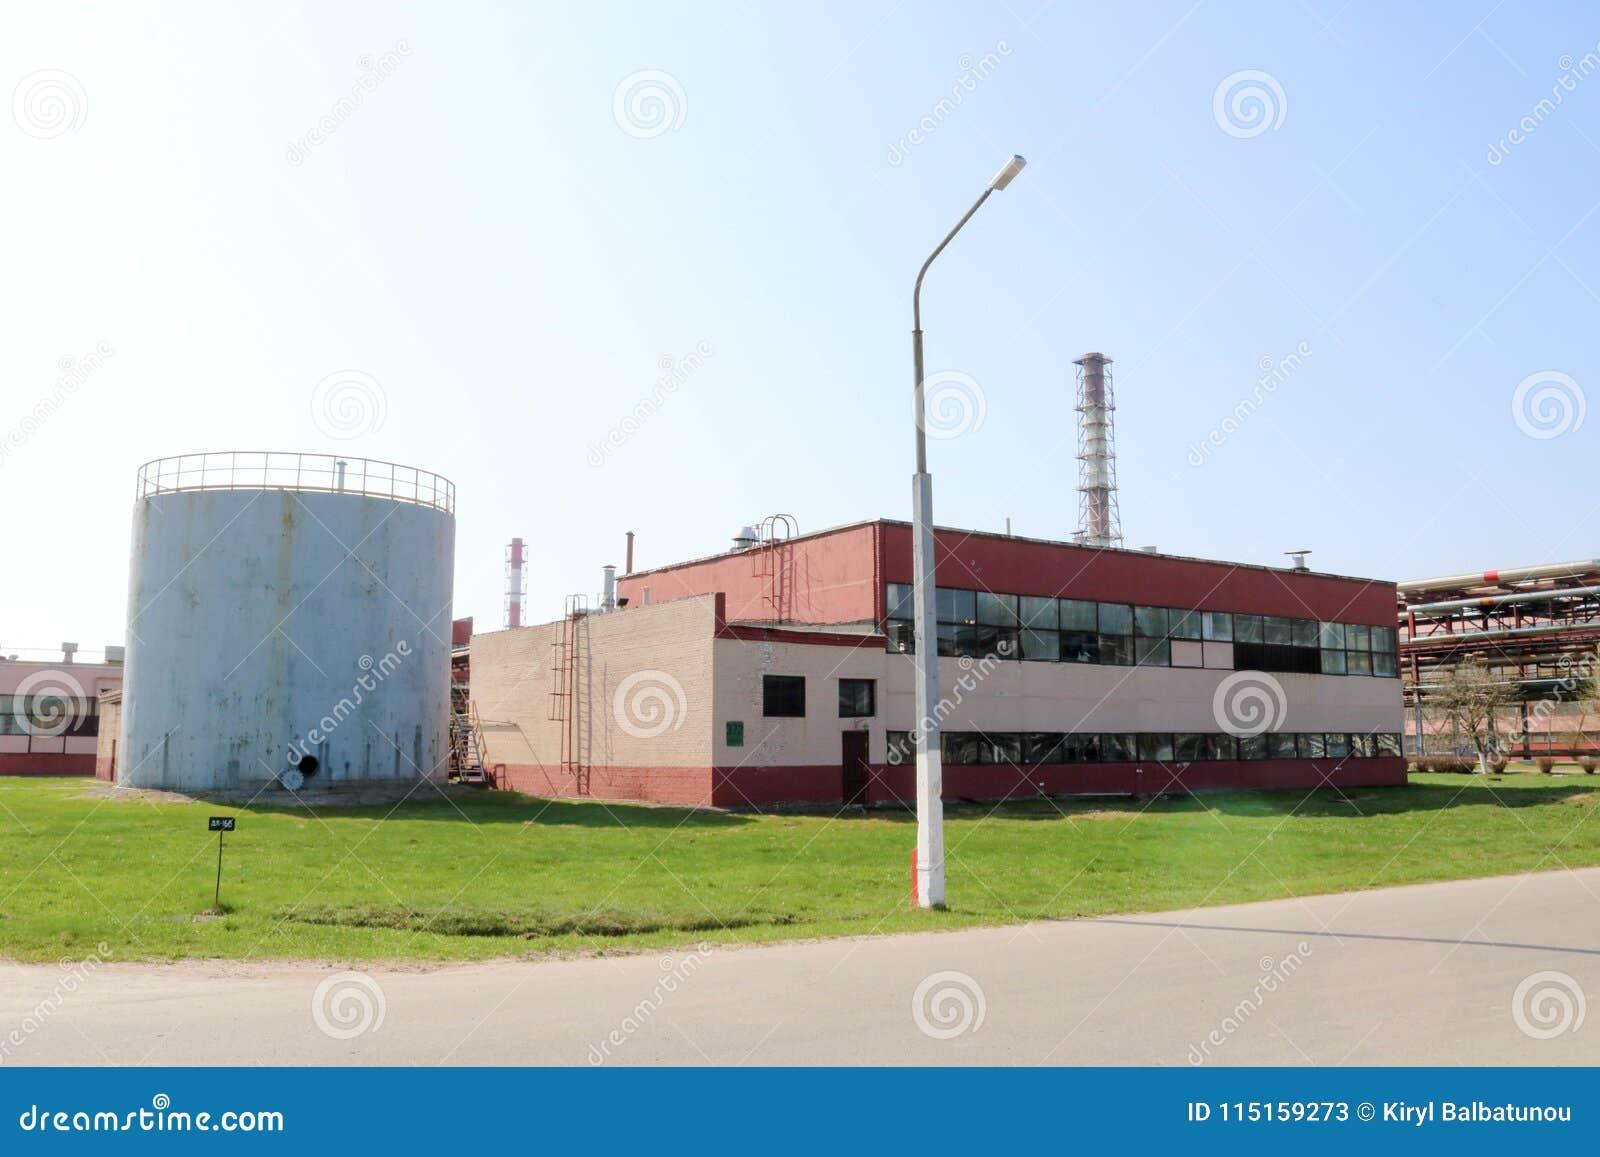 一个大灰色金属容器、桶与一个开放舱口盖和一个红色生产大厦在炼油厂,石油化学制品, chemica